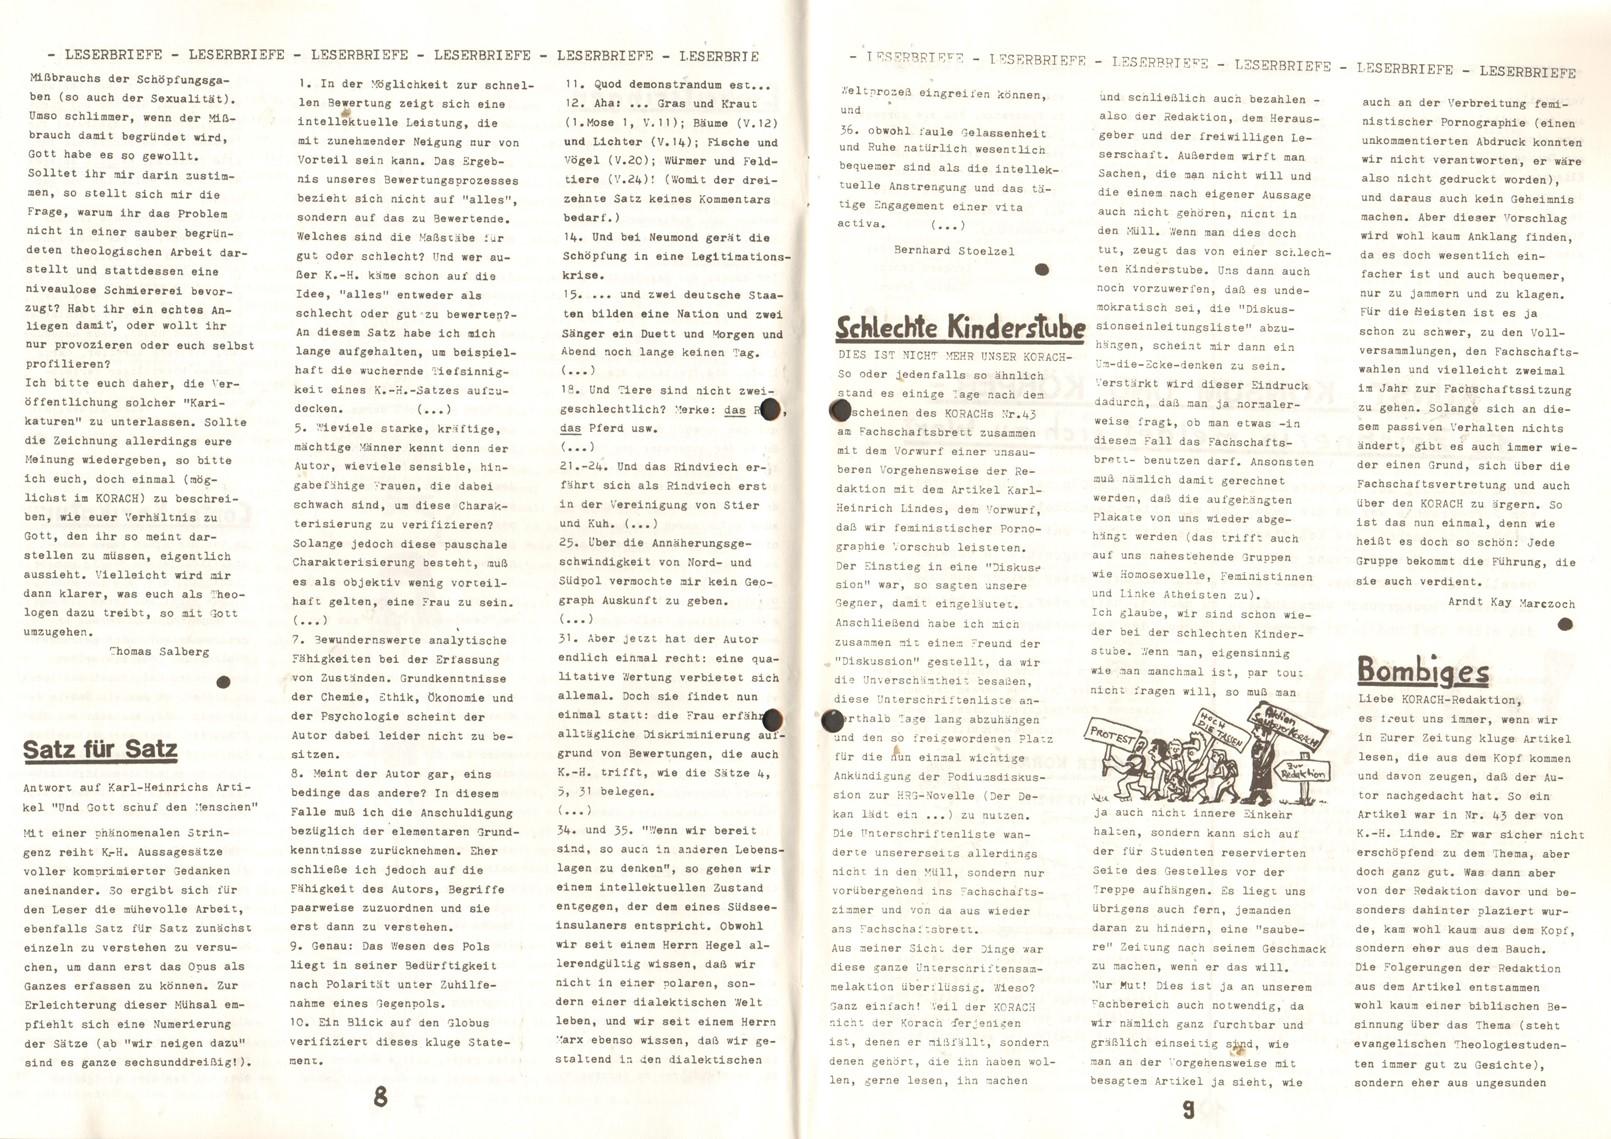 Muenster_Roter_Korach_19850400_05